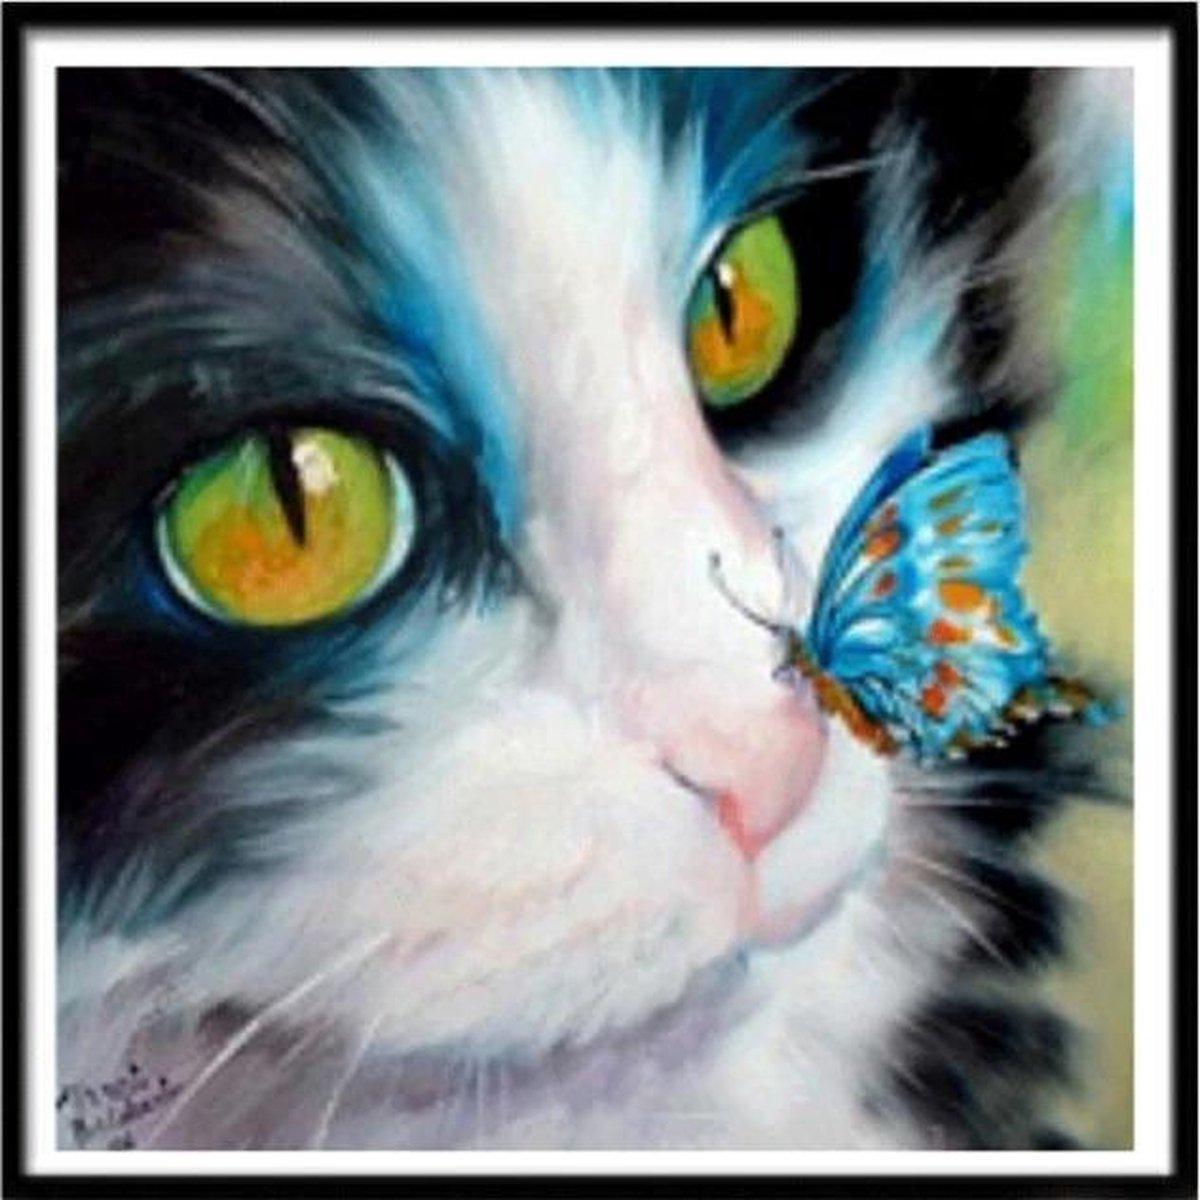 Premium Paintings - Kat Met Vlinder - Diamond Painting Volwassenen - Pakket Volledig / Pakket Full - 40x40 cm - Moederdag cadeautje